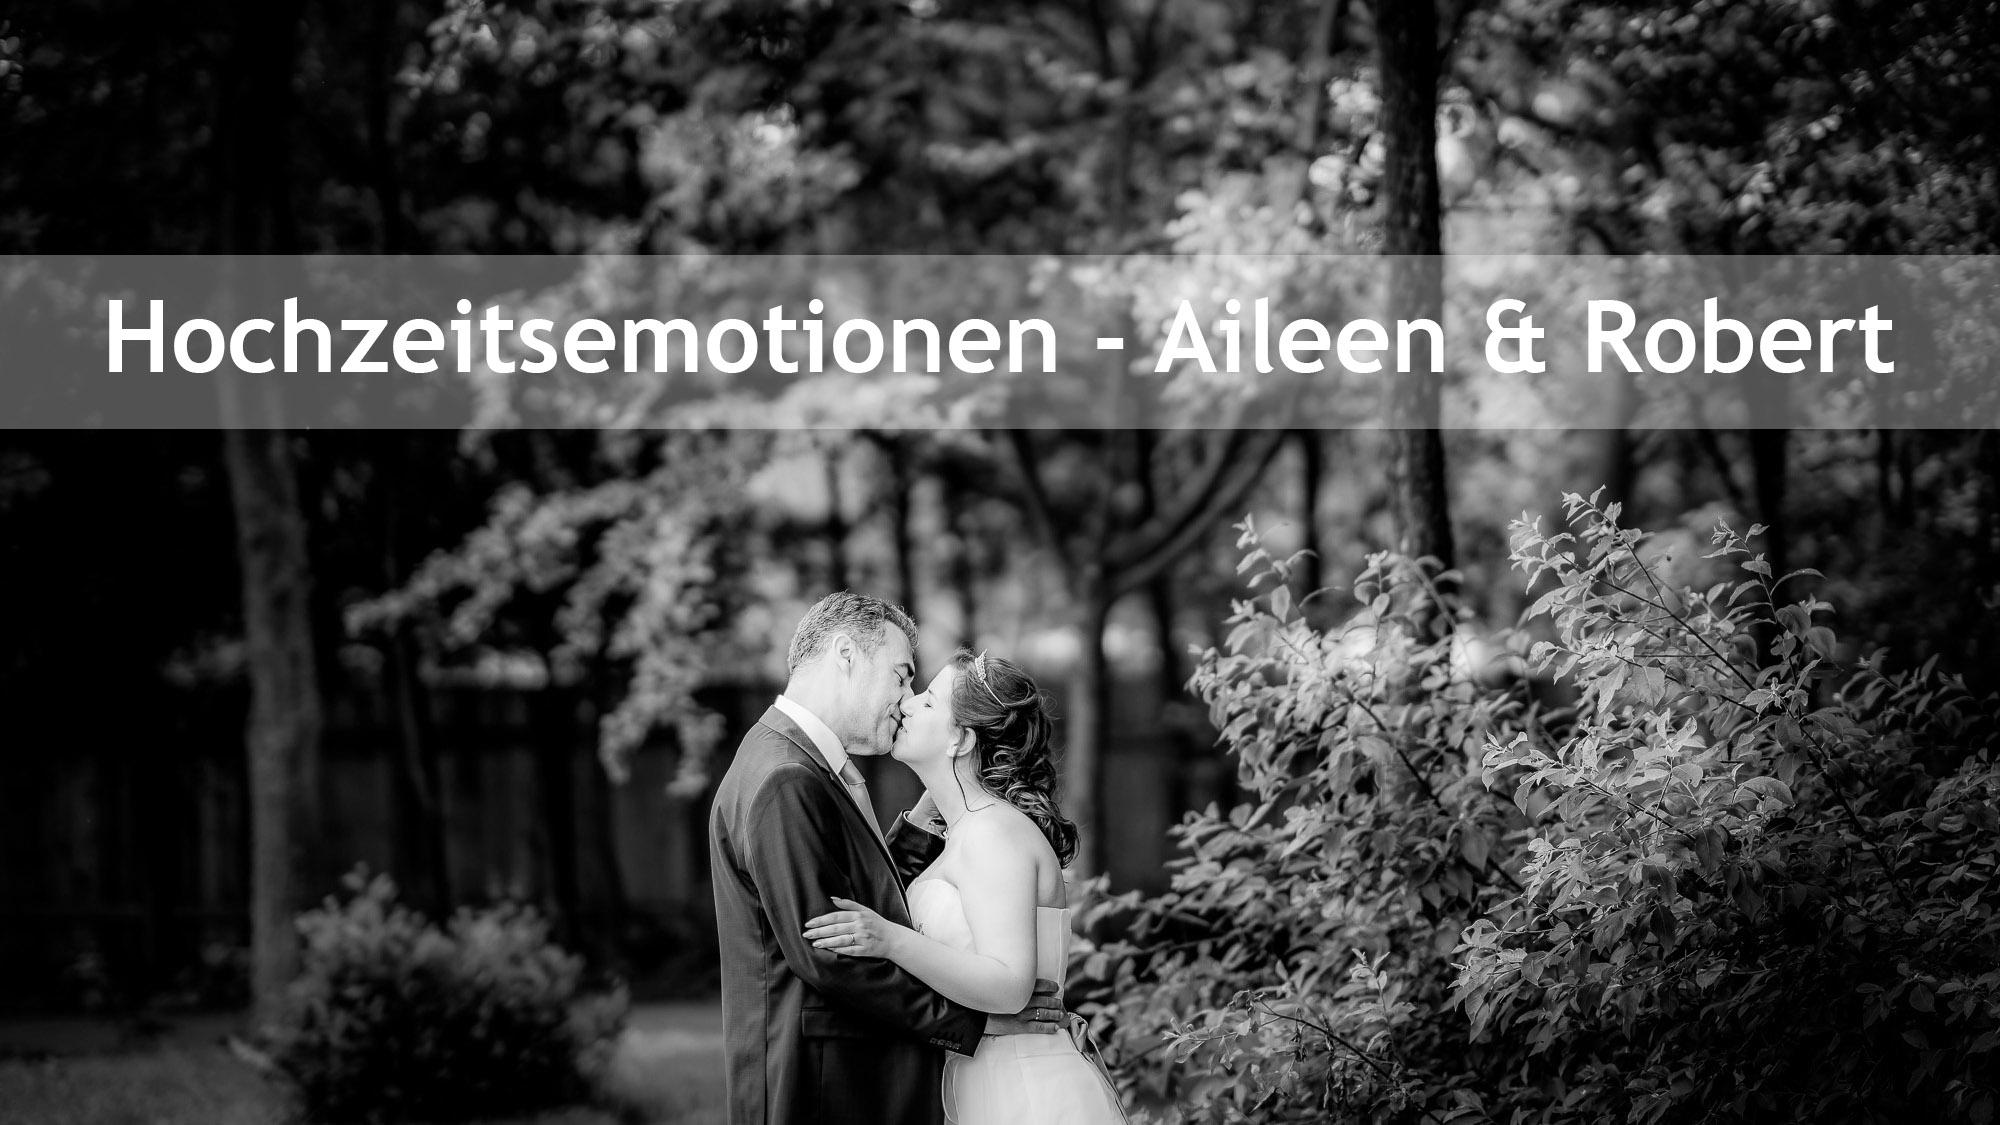 Hochzeitsemotionen von Aileen & Robert im Hessenpark – oder – Wenn die Schwester……